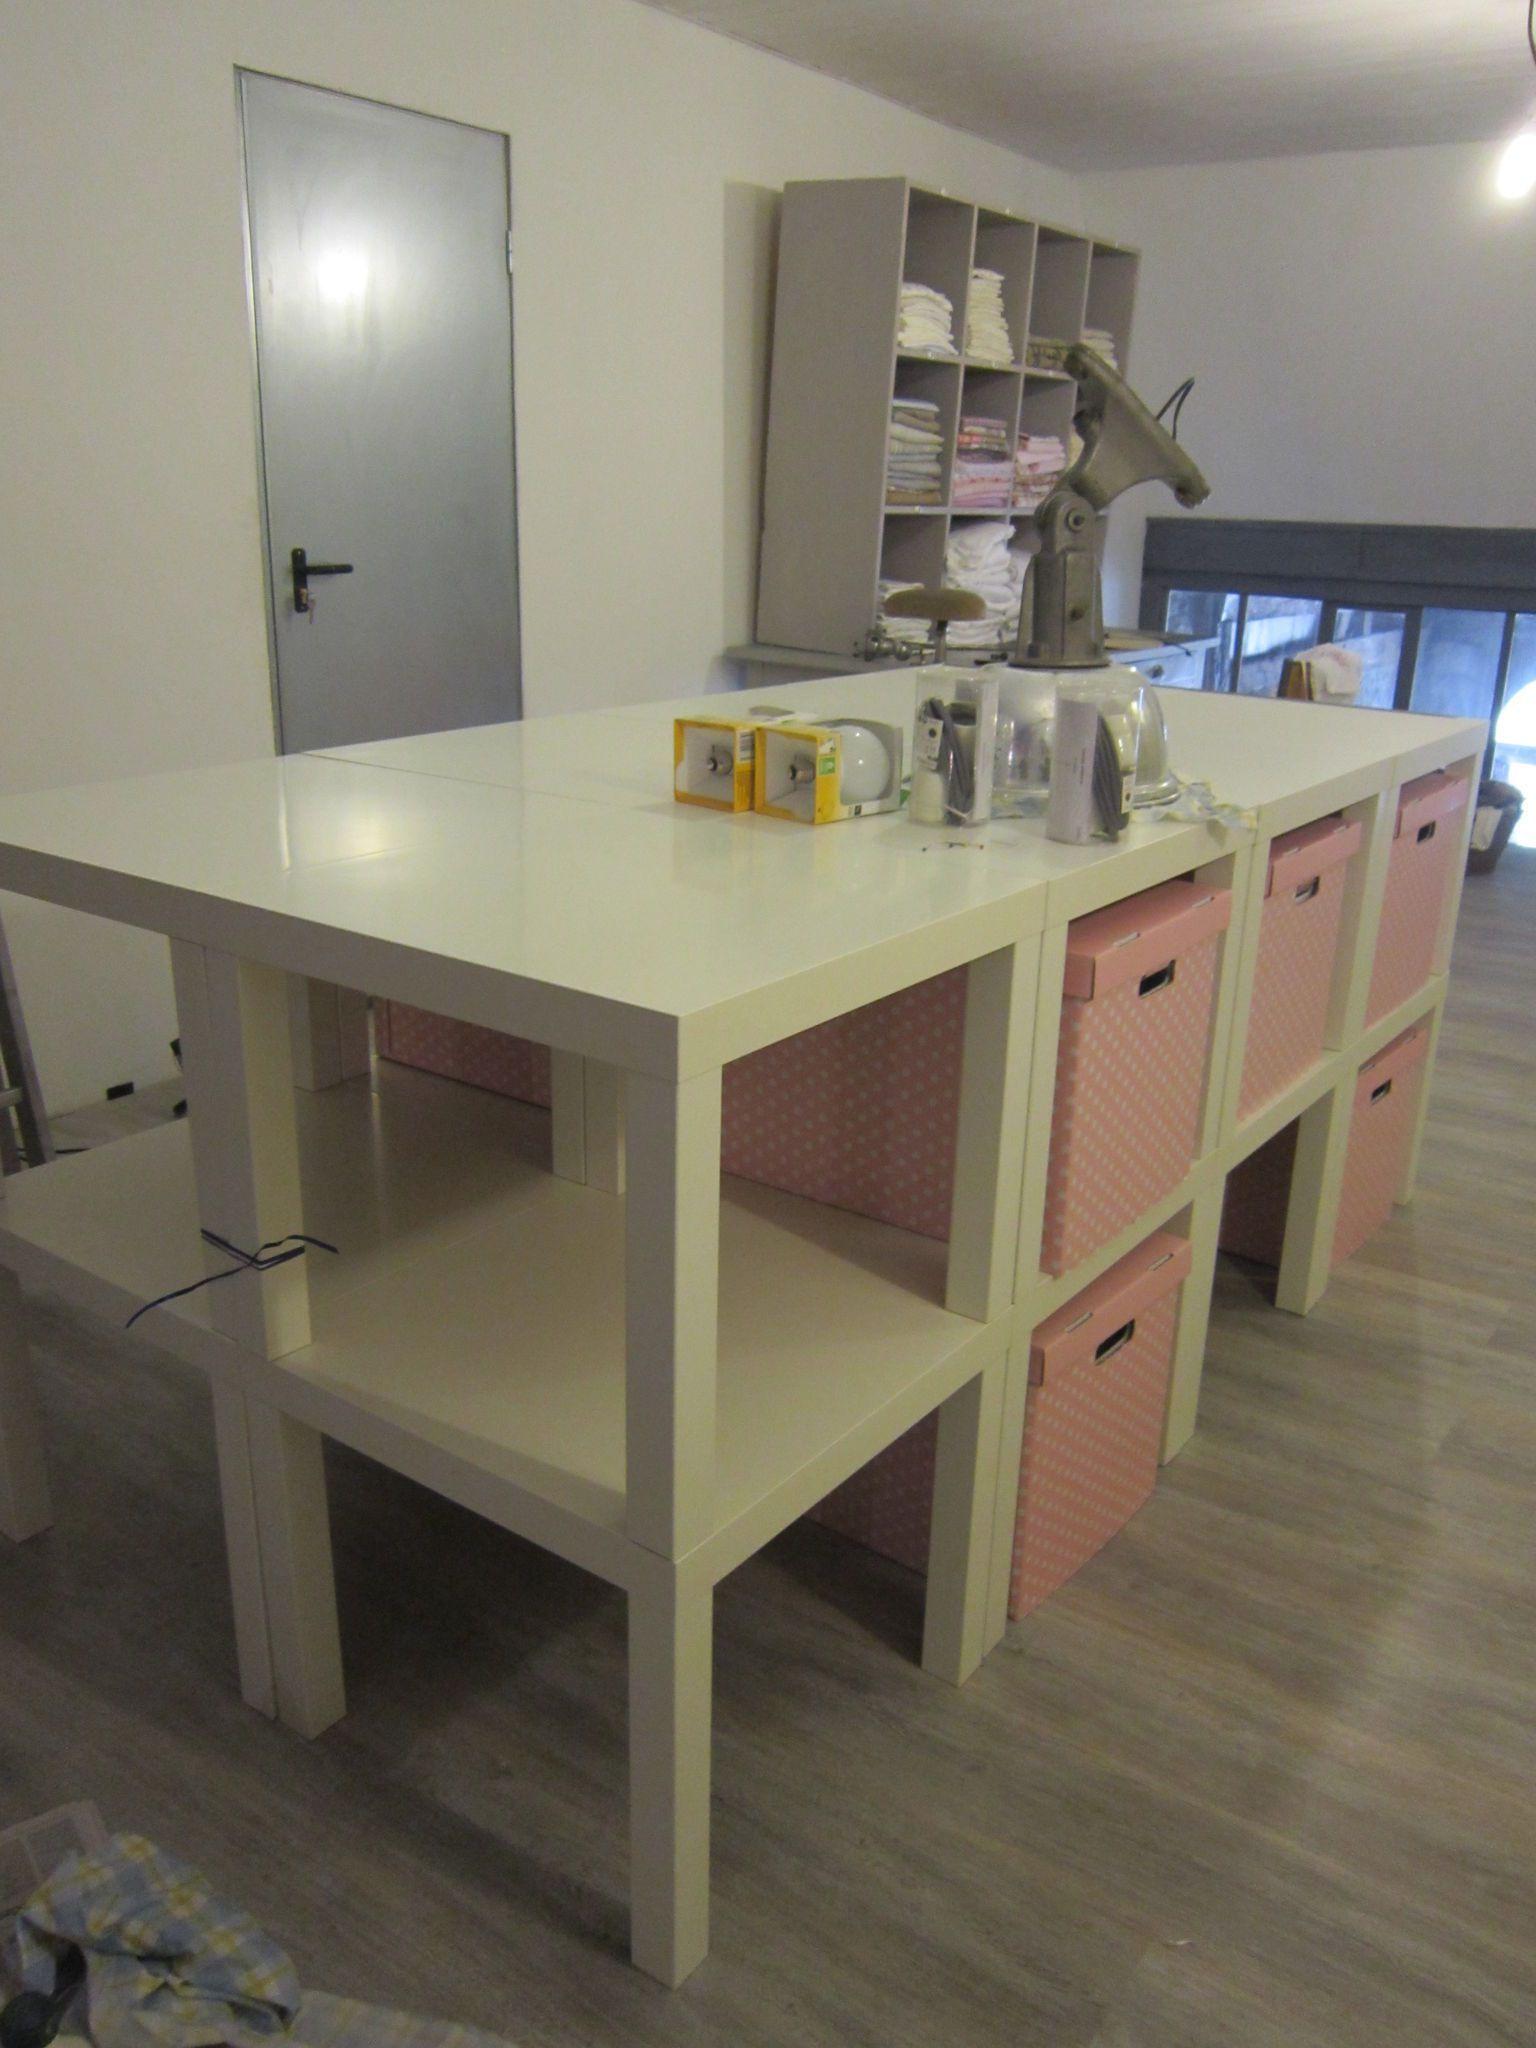 1 536 2 048 pixels bricolage et diy pinterest d tournement de meubles ikea. Black Bedroom Furniture Sets. Home Design Ideas